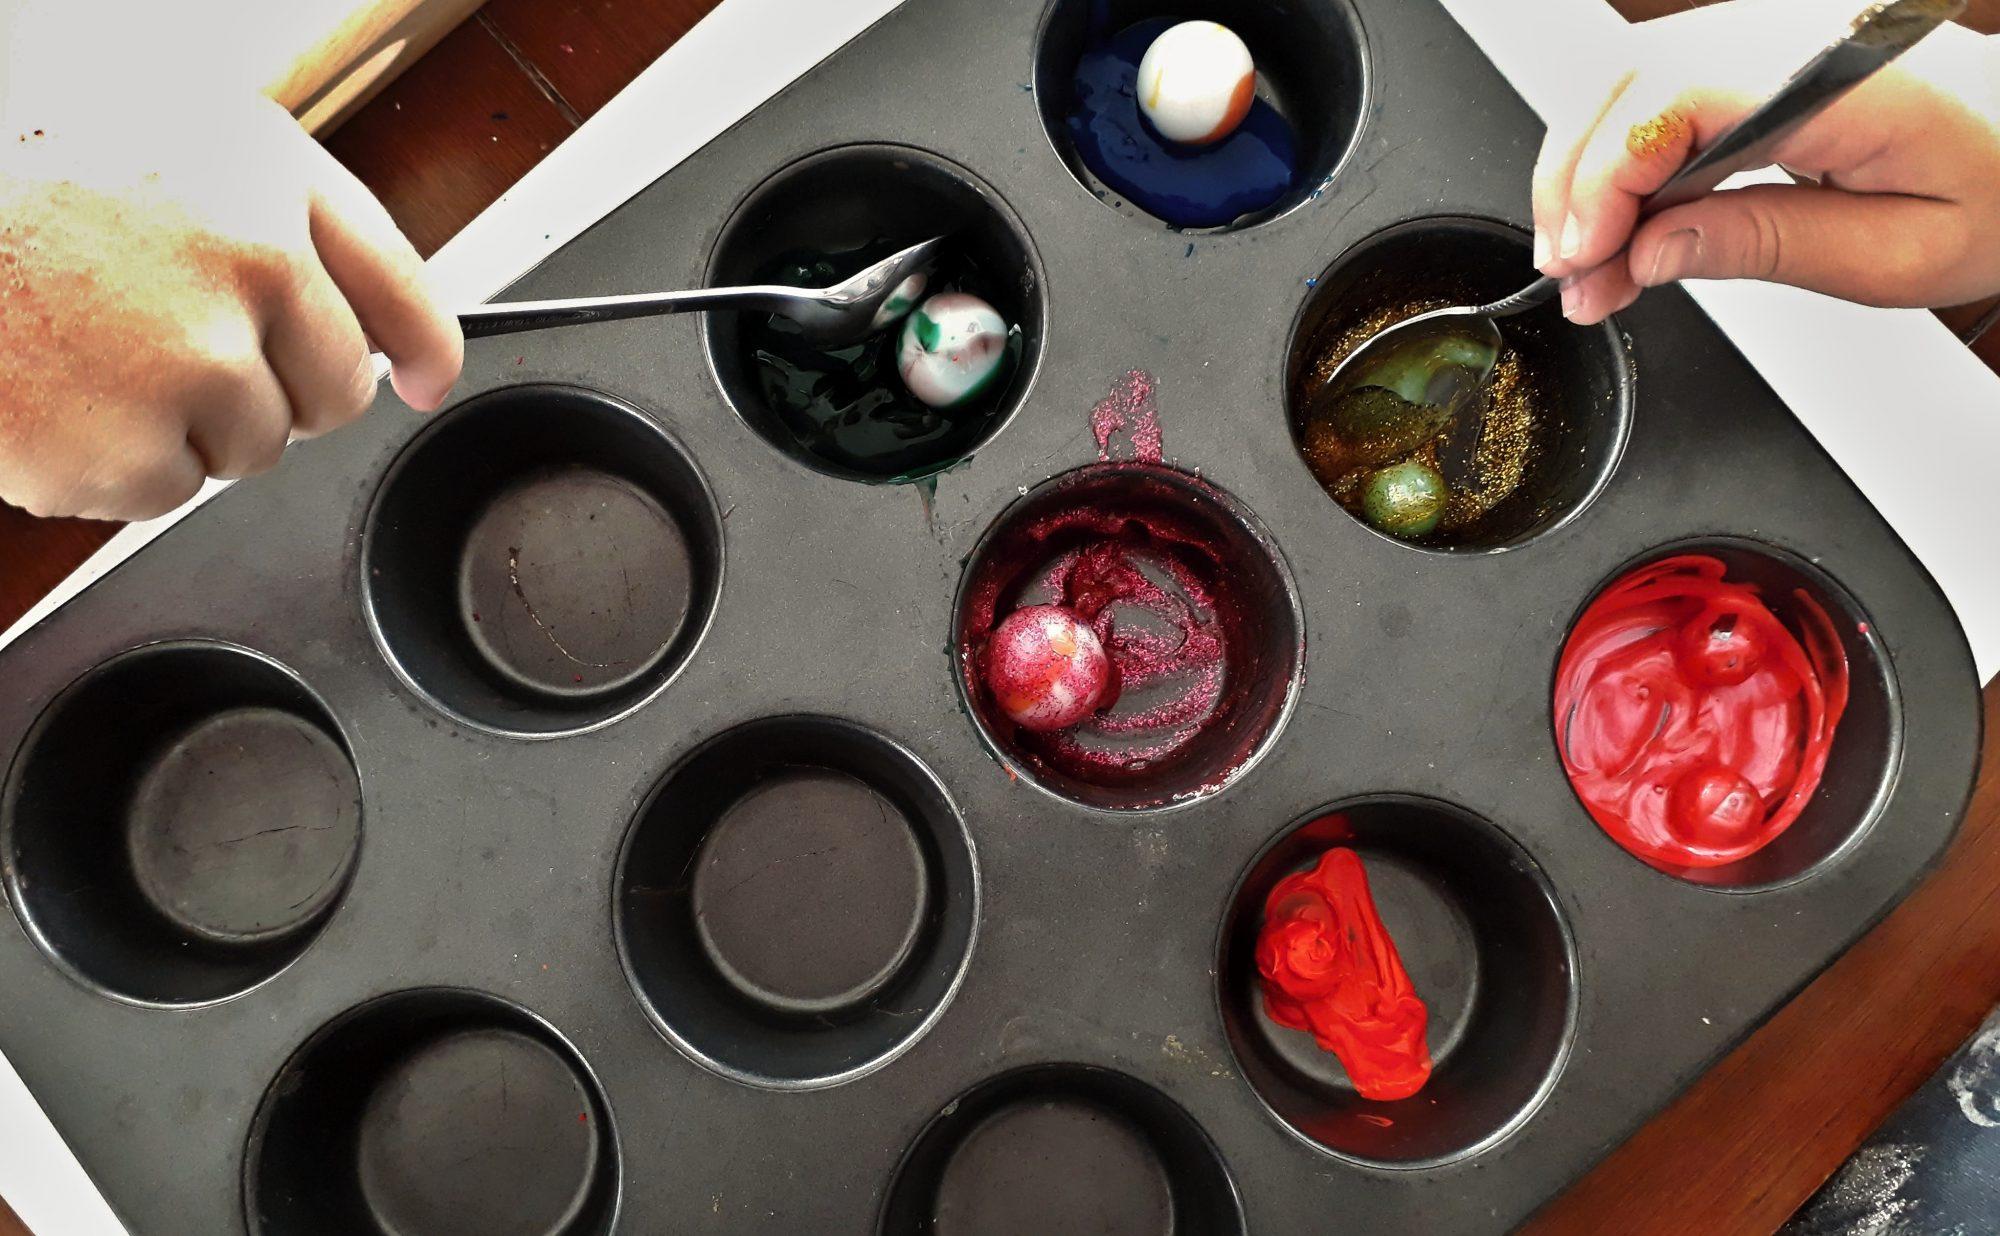 maľovanie guľôčkami